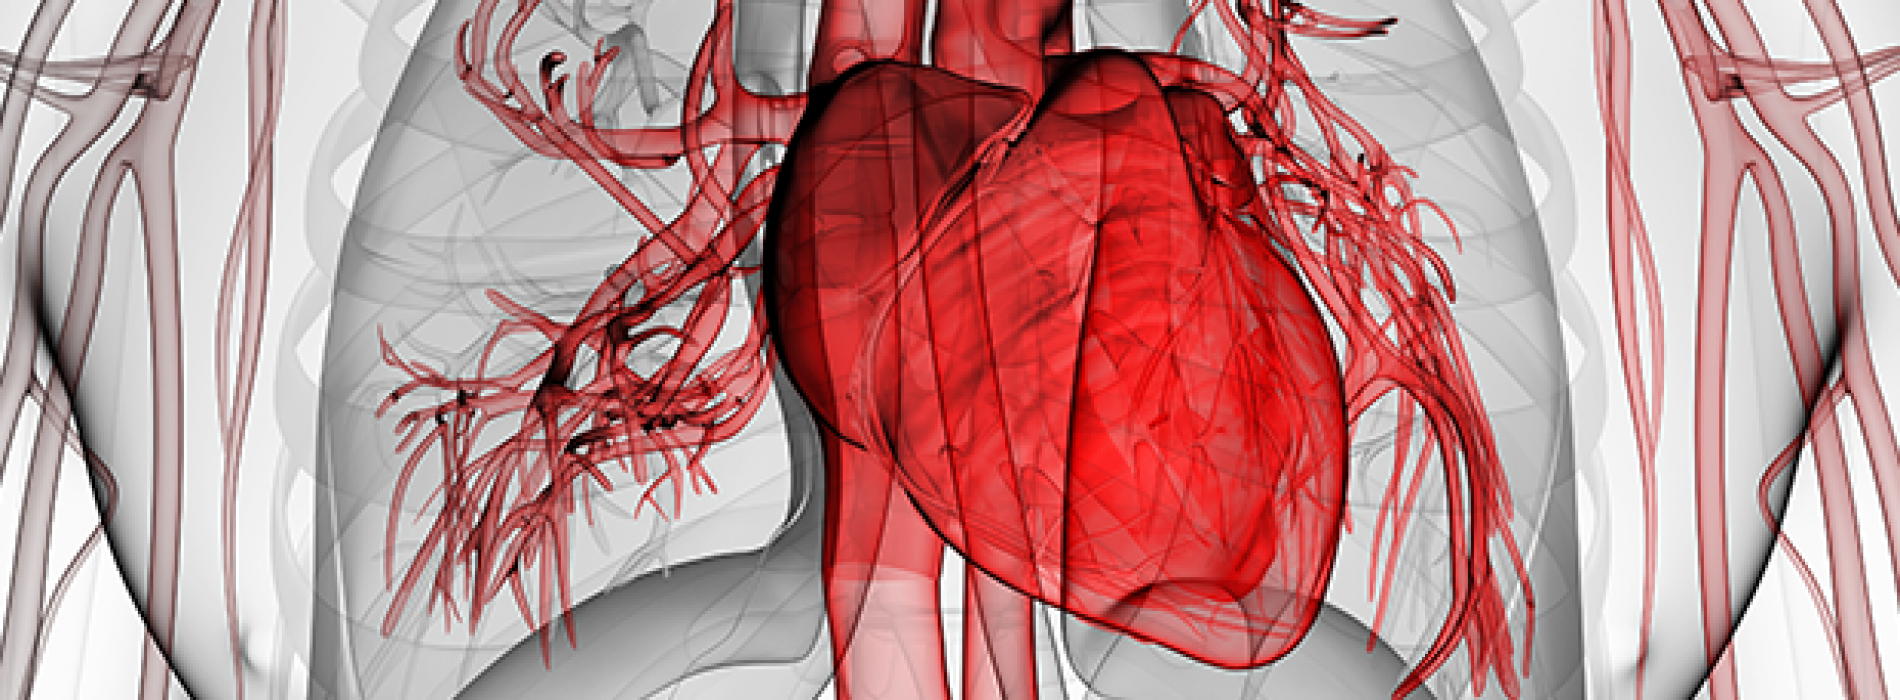 Curcumine vermindert kans op hart- en vaatziekten